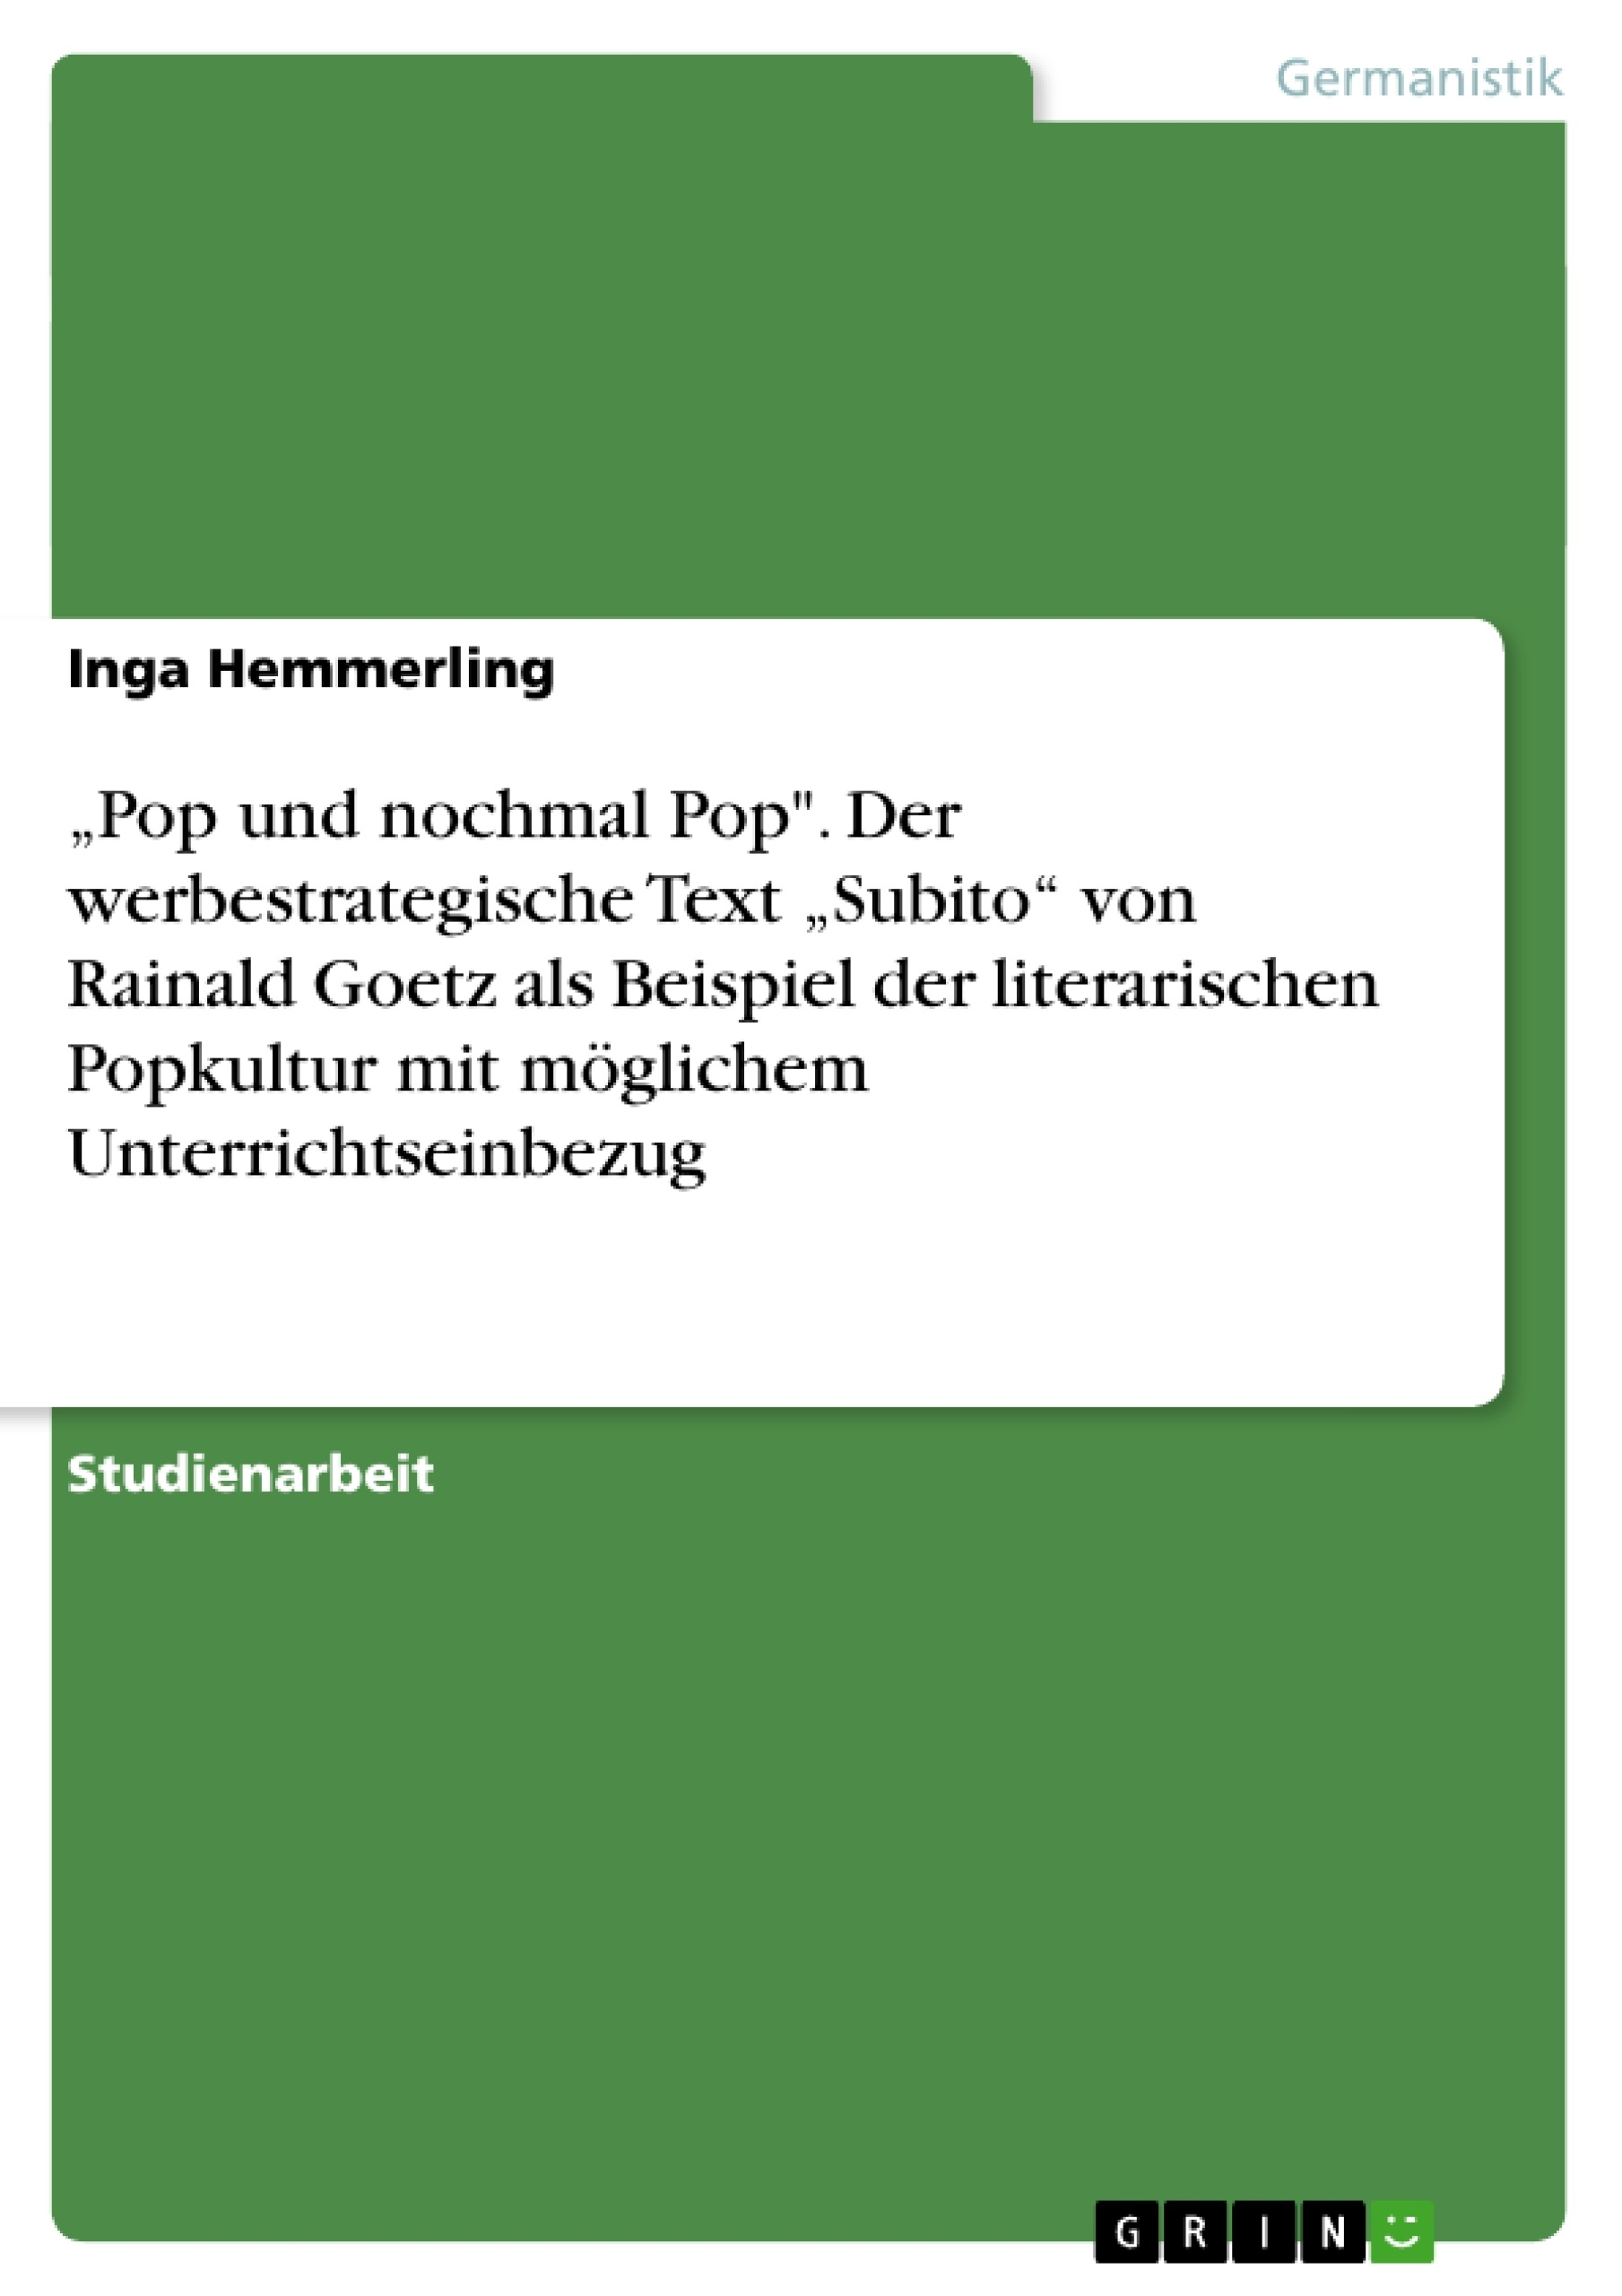 """Titel:  """"Pop und nochmal Pop"""". Der werbestrategische Text """"Subito"""" von Rainald Goetz als Beispiel der literarischen Popkultur mit möglichem Unterrichtseinbezug"""